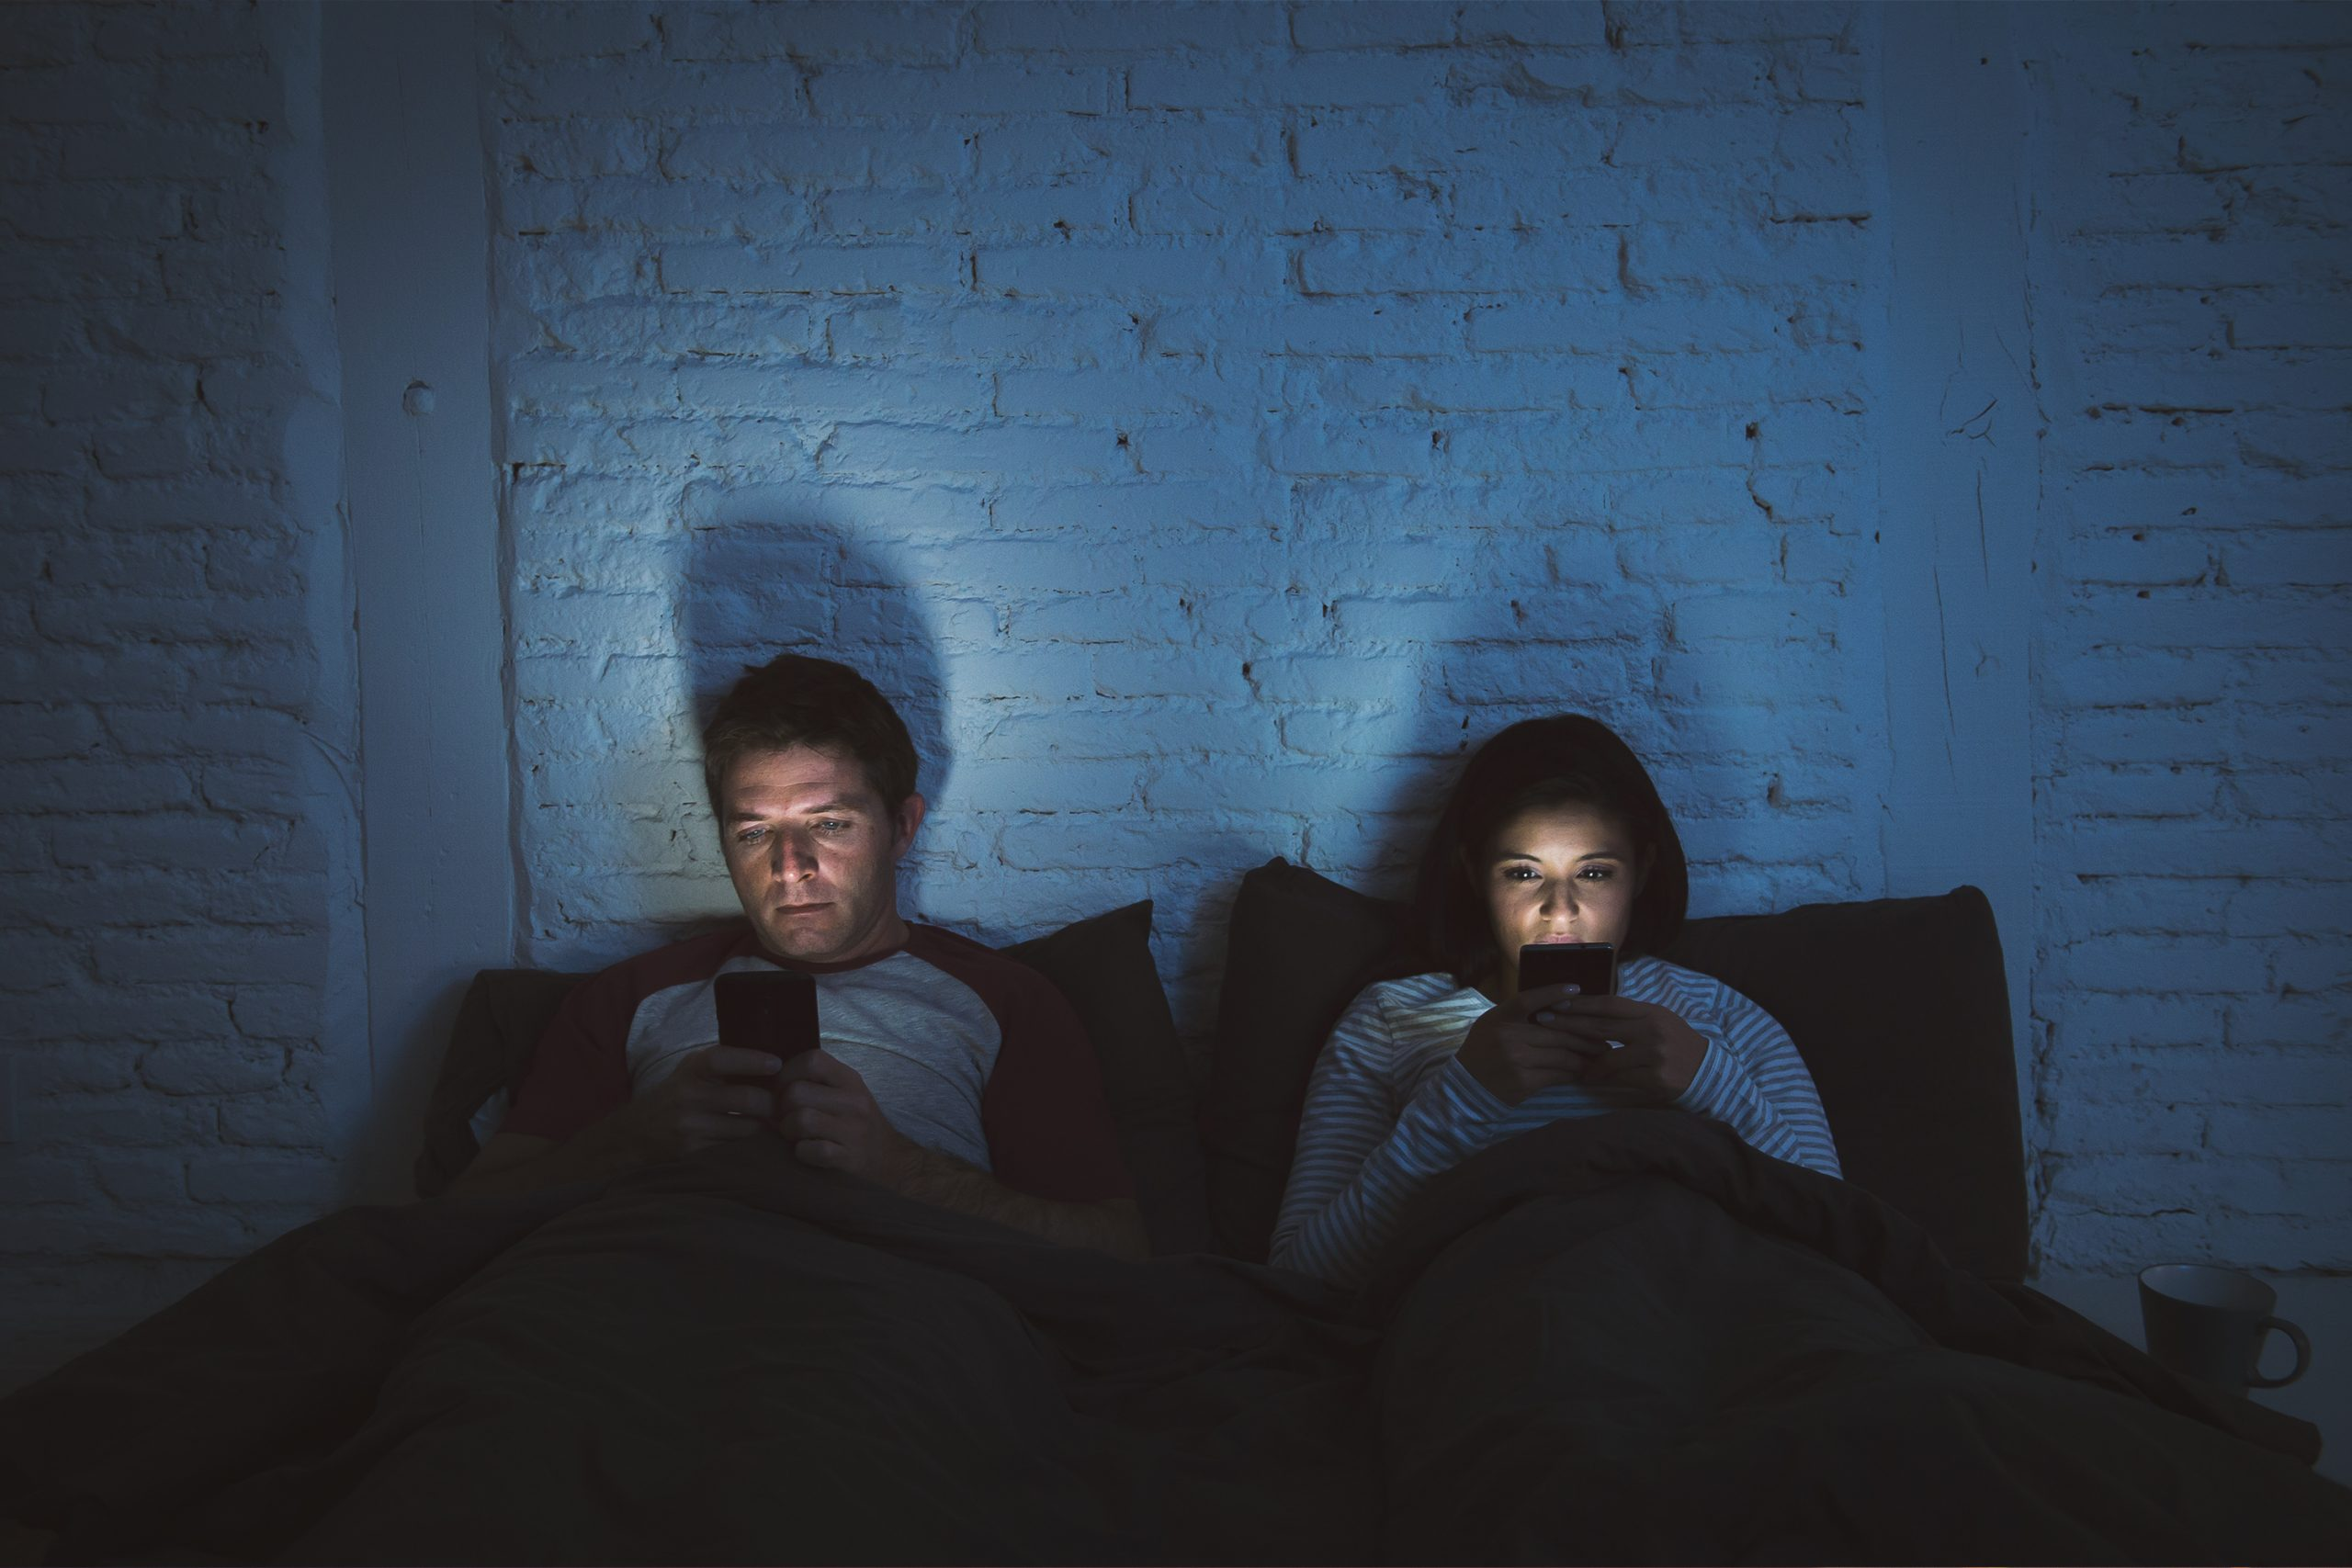 Φίλος ή εχθρός στην καταπολέμηση της μοναξιάς